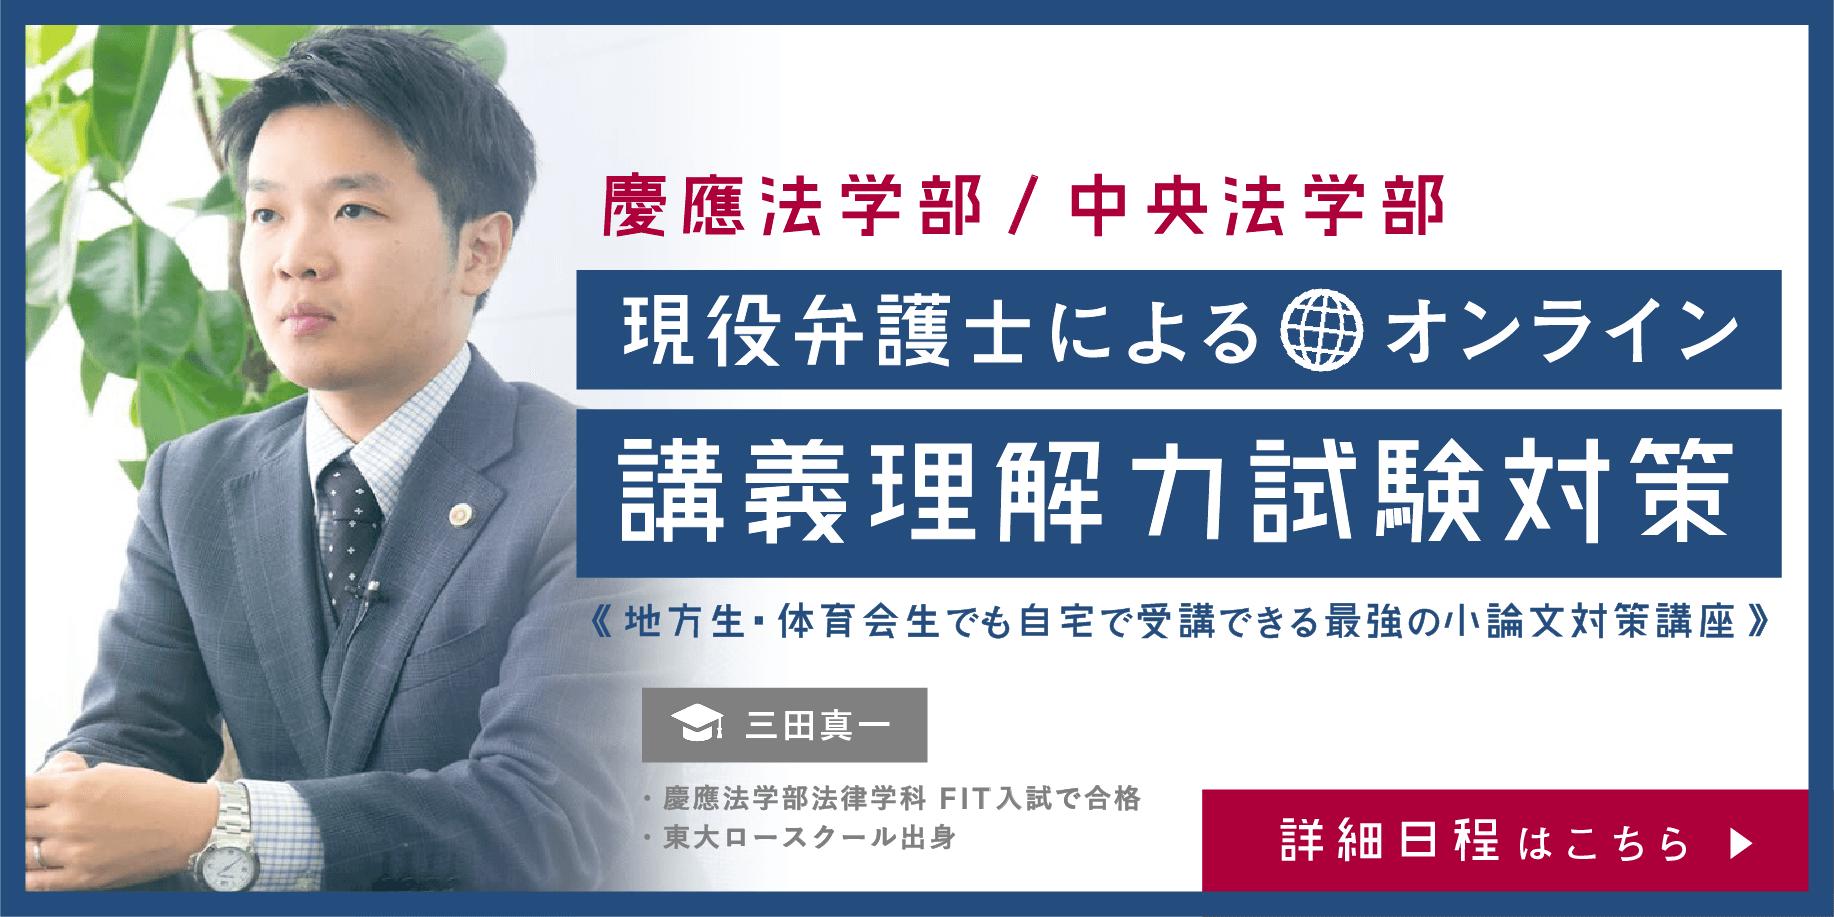 慶應FIT、中央法の二次試験「講義理解力試験対策」をオンラインで実施!